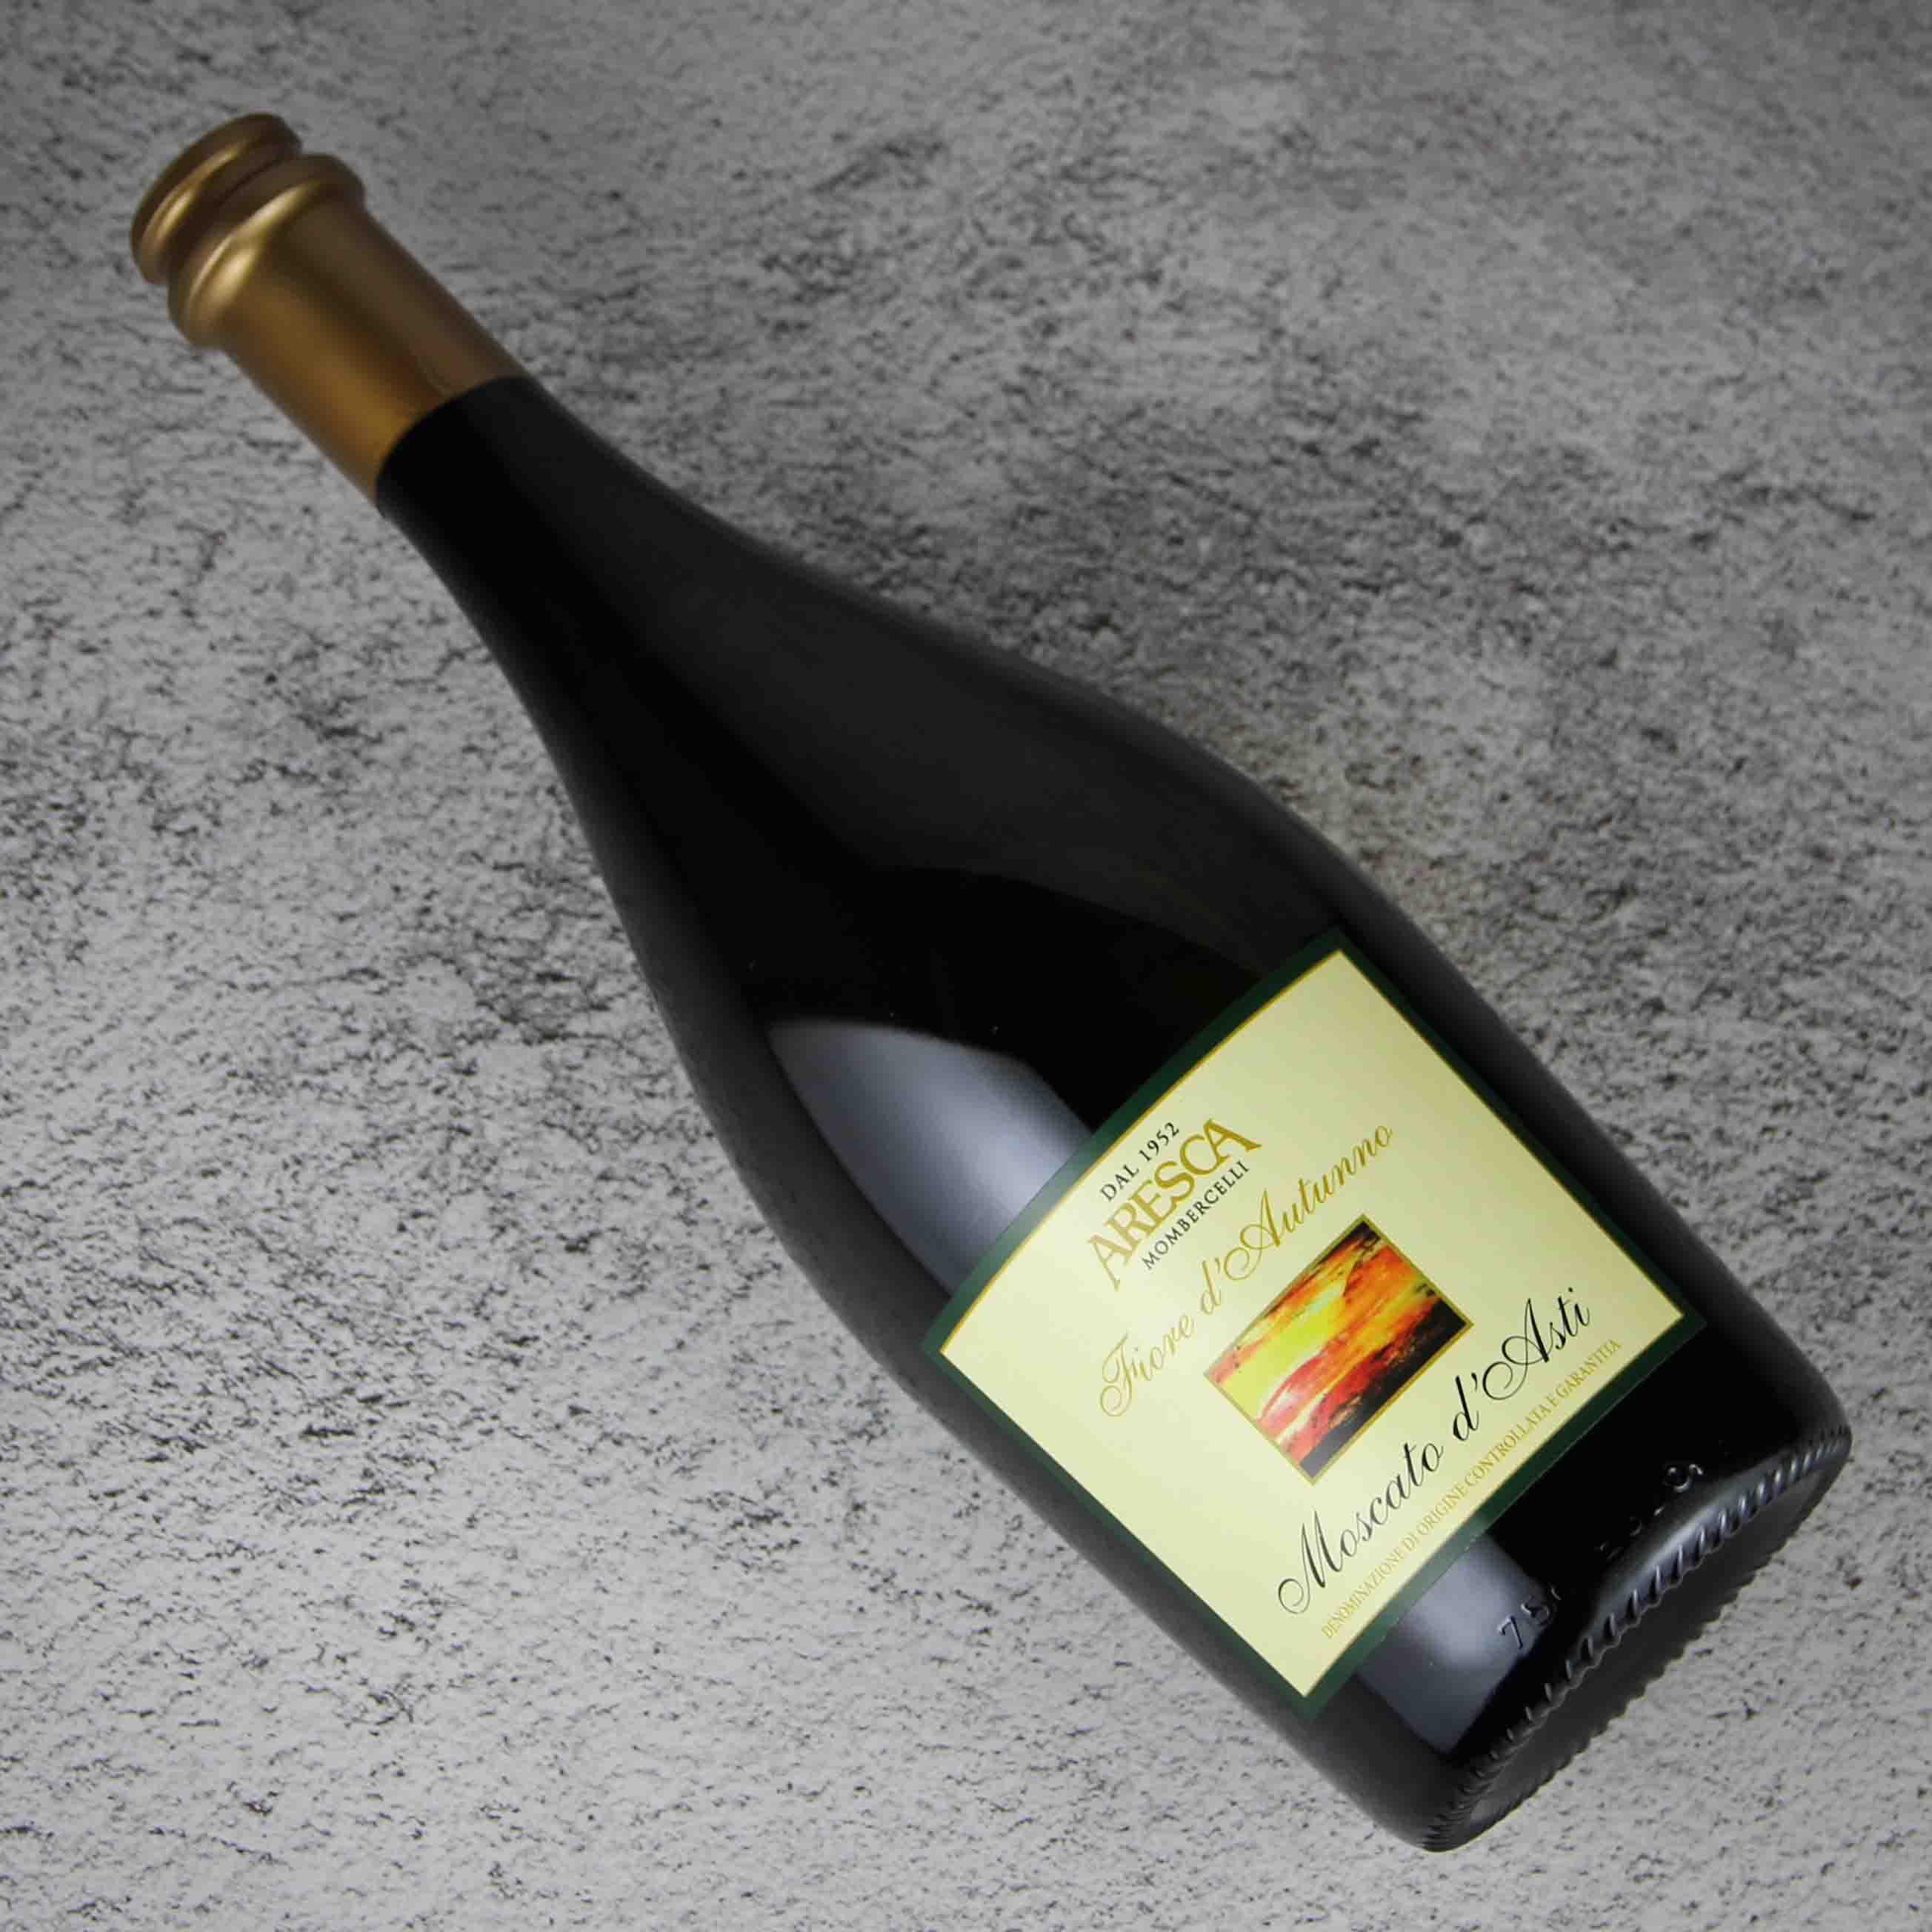 意大利皮埃蒙特ARESCA酒庄莫斯卡多·阿斯蒂甜白低泡葡萄酒